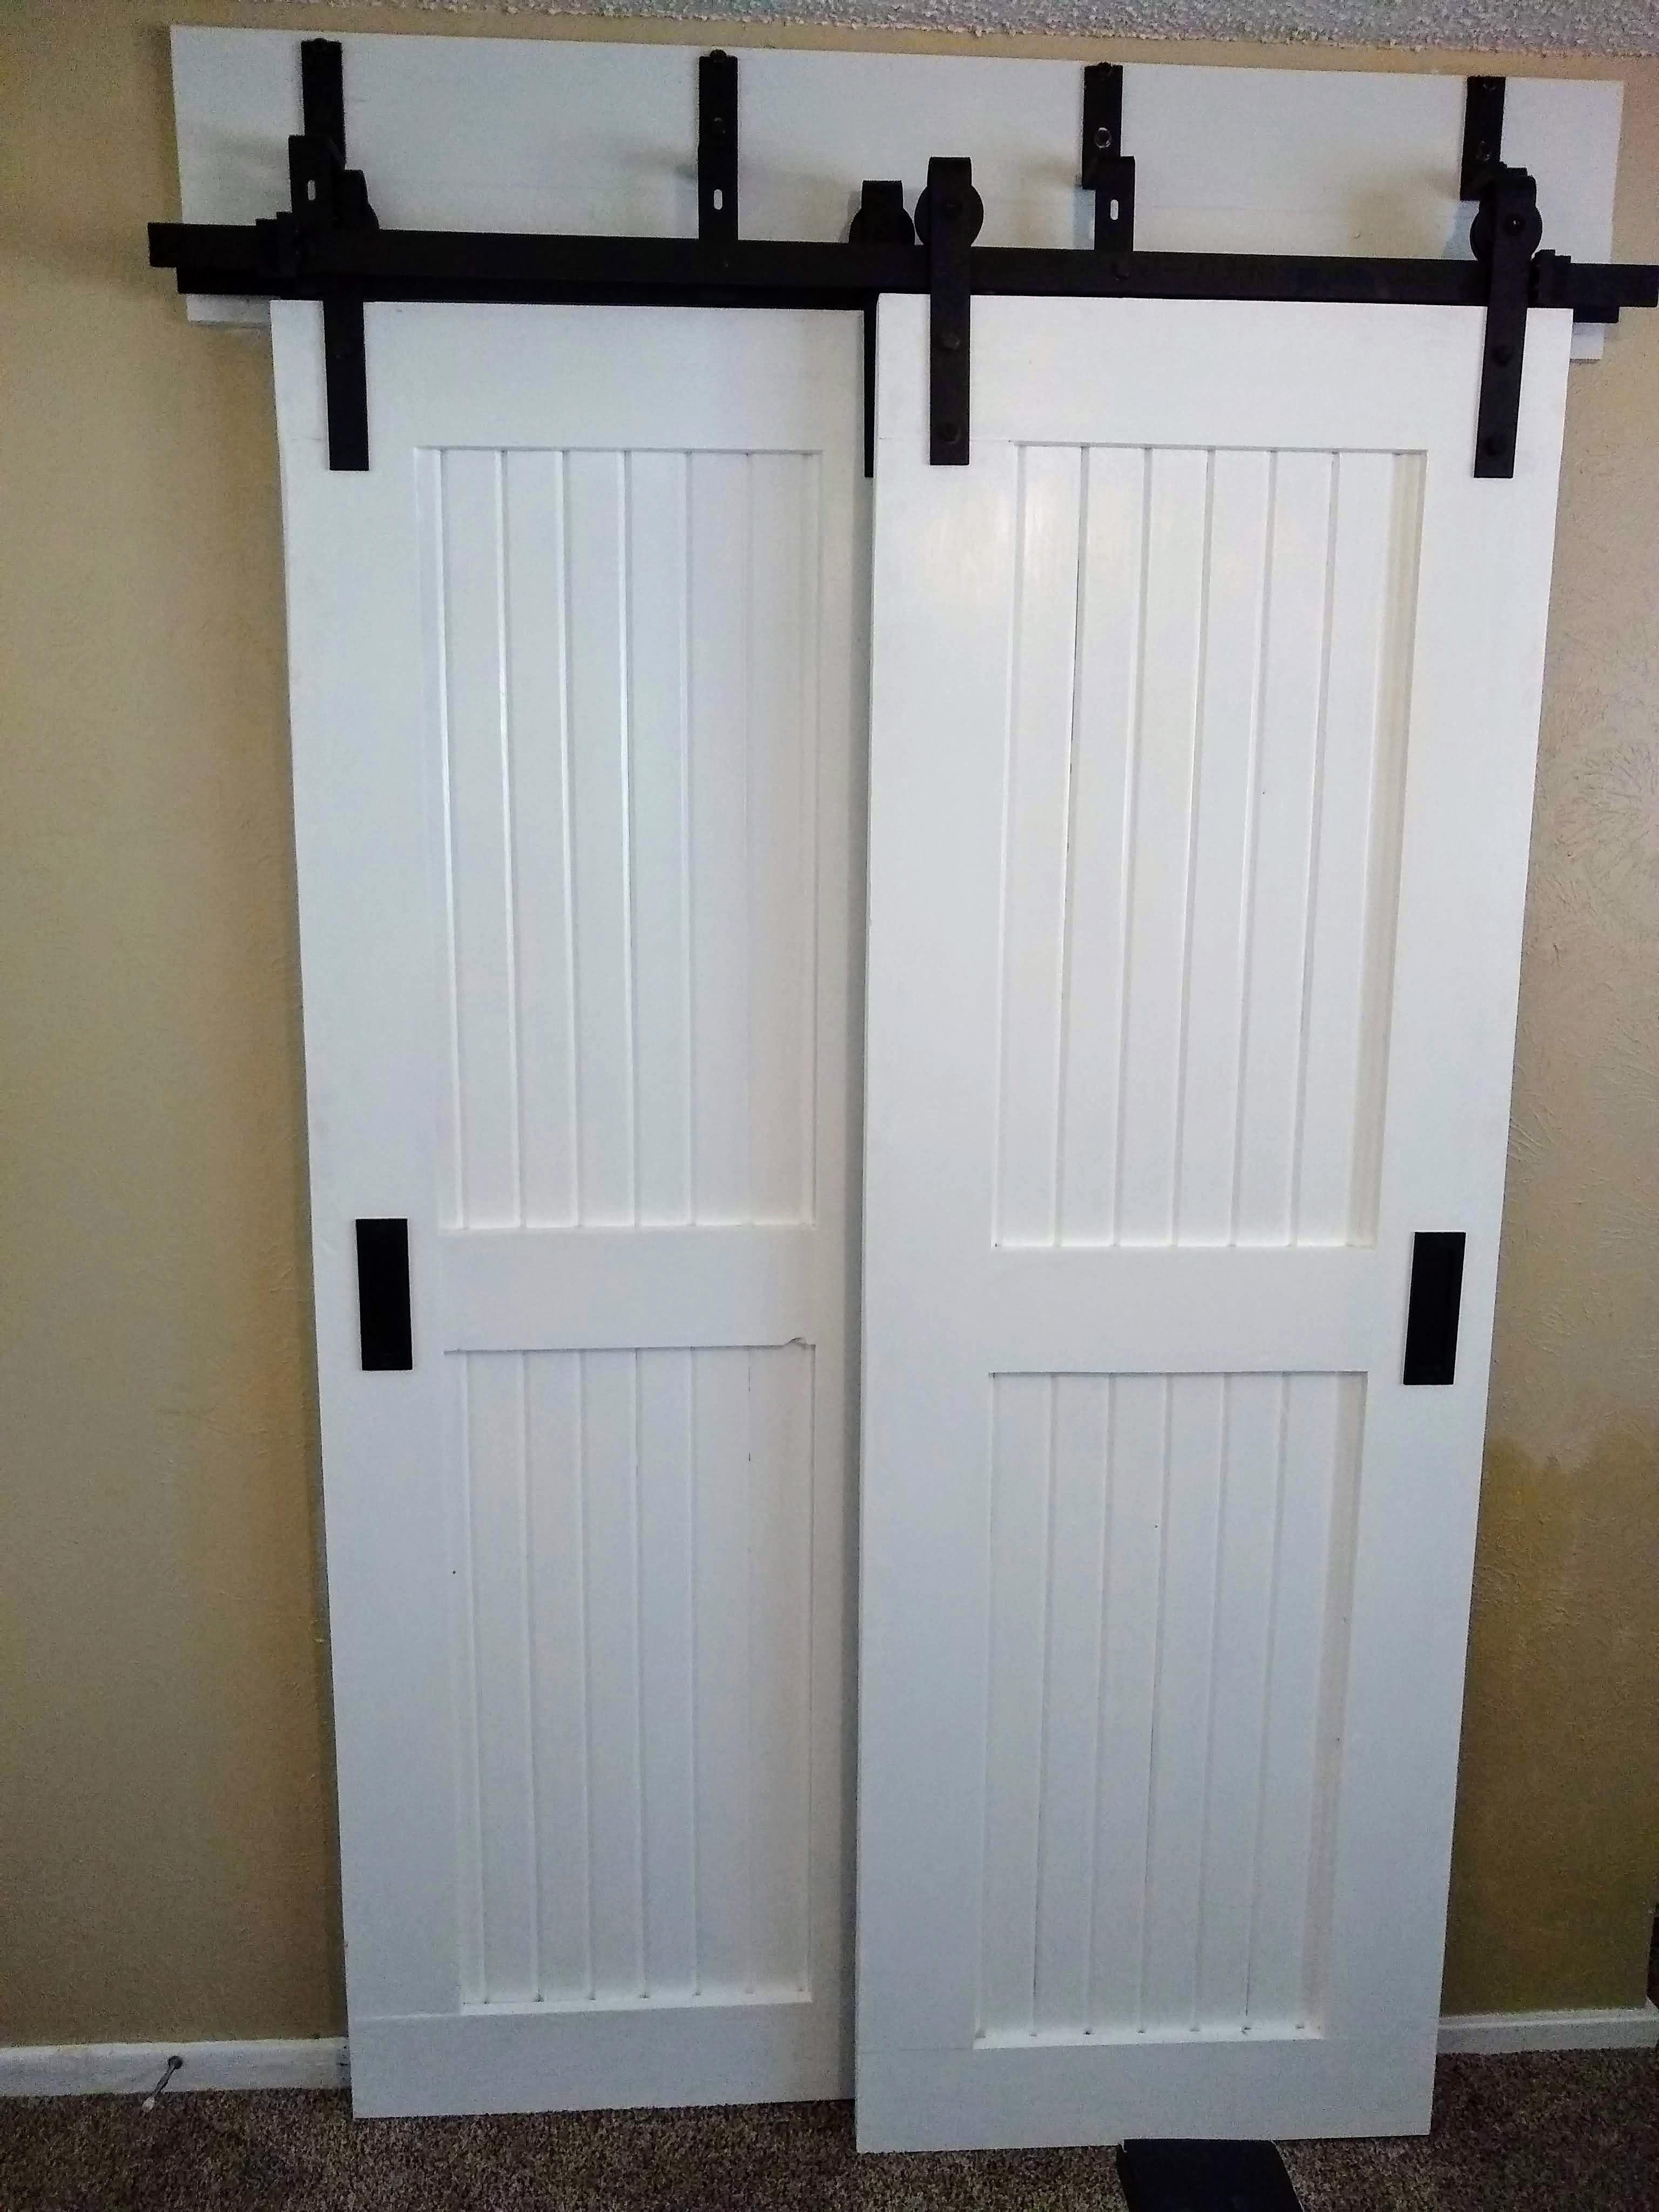 Bypass barn doors